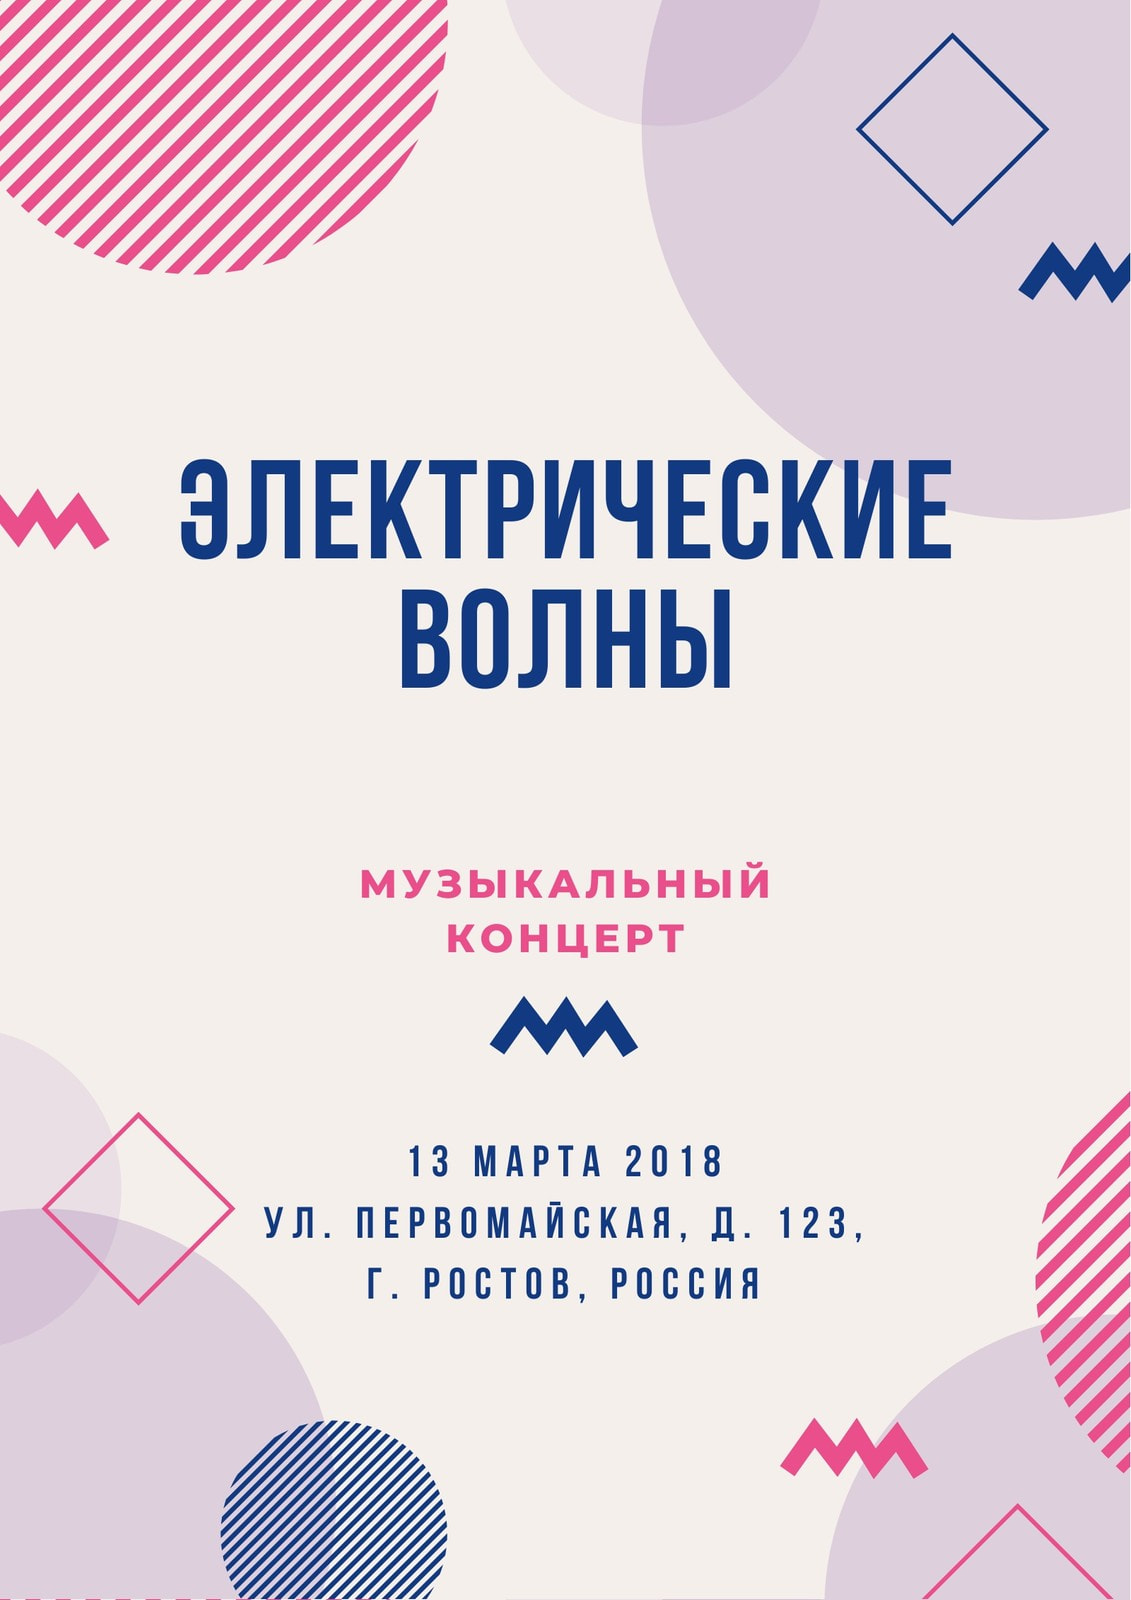 Розовый Синий Фигуры Электрический Музыкальный Концерт Программа